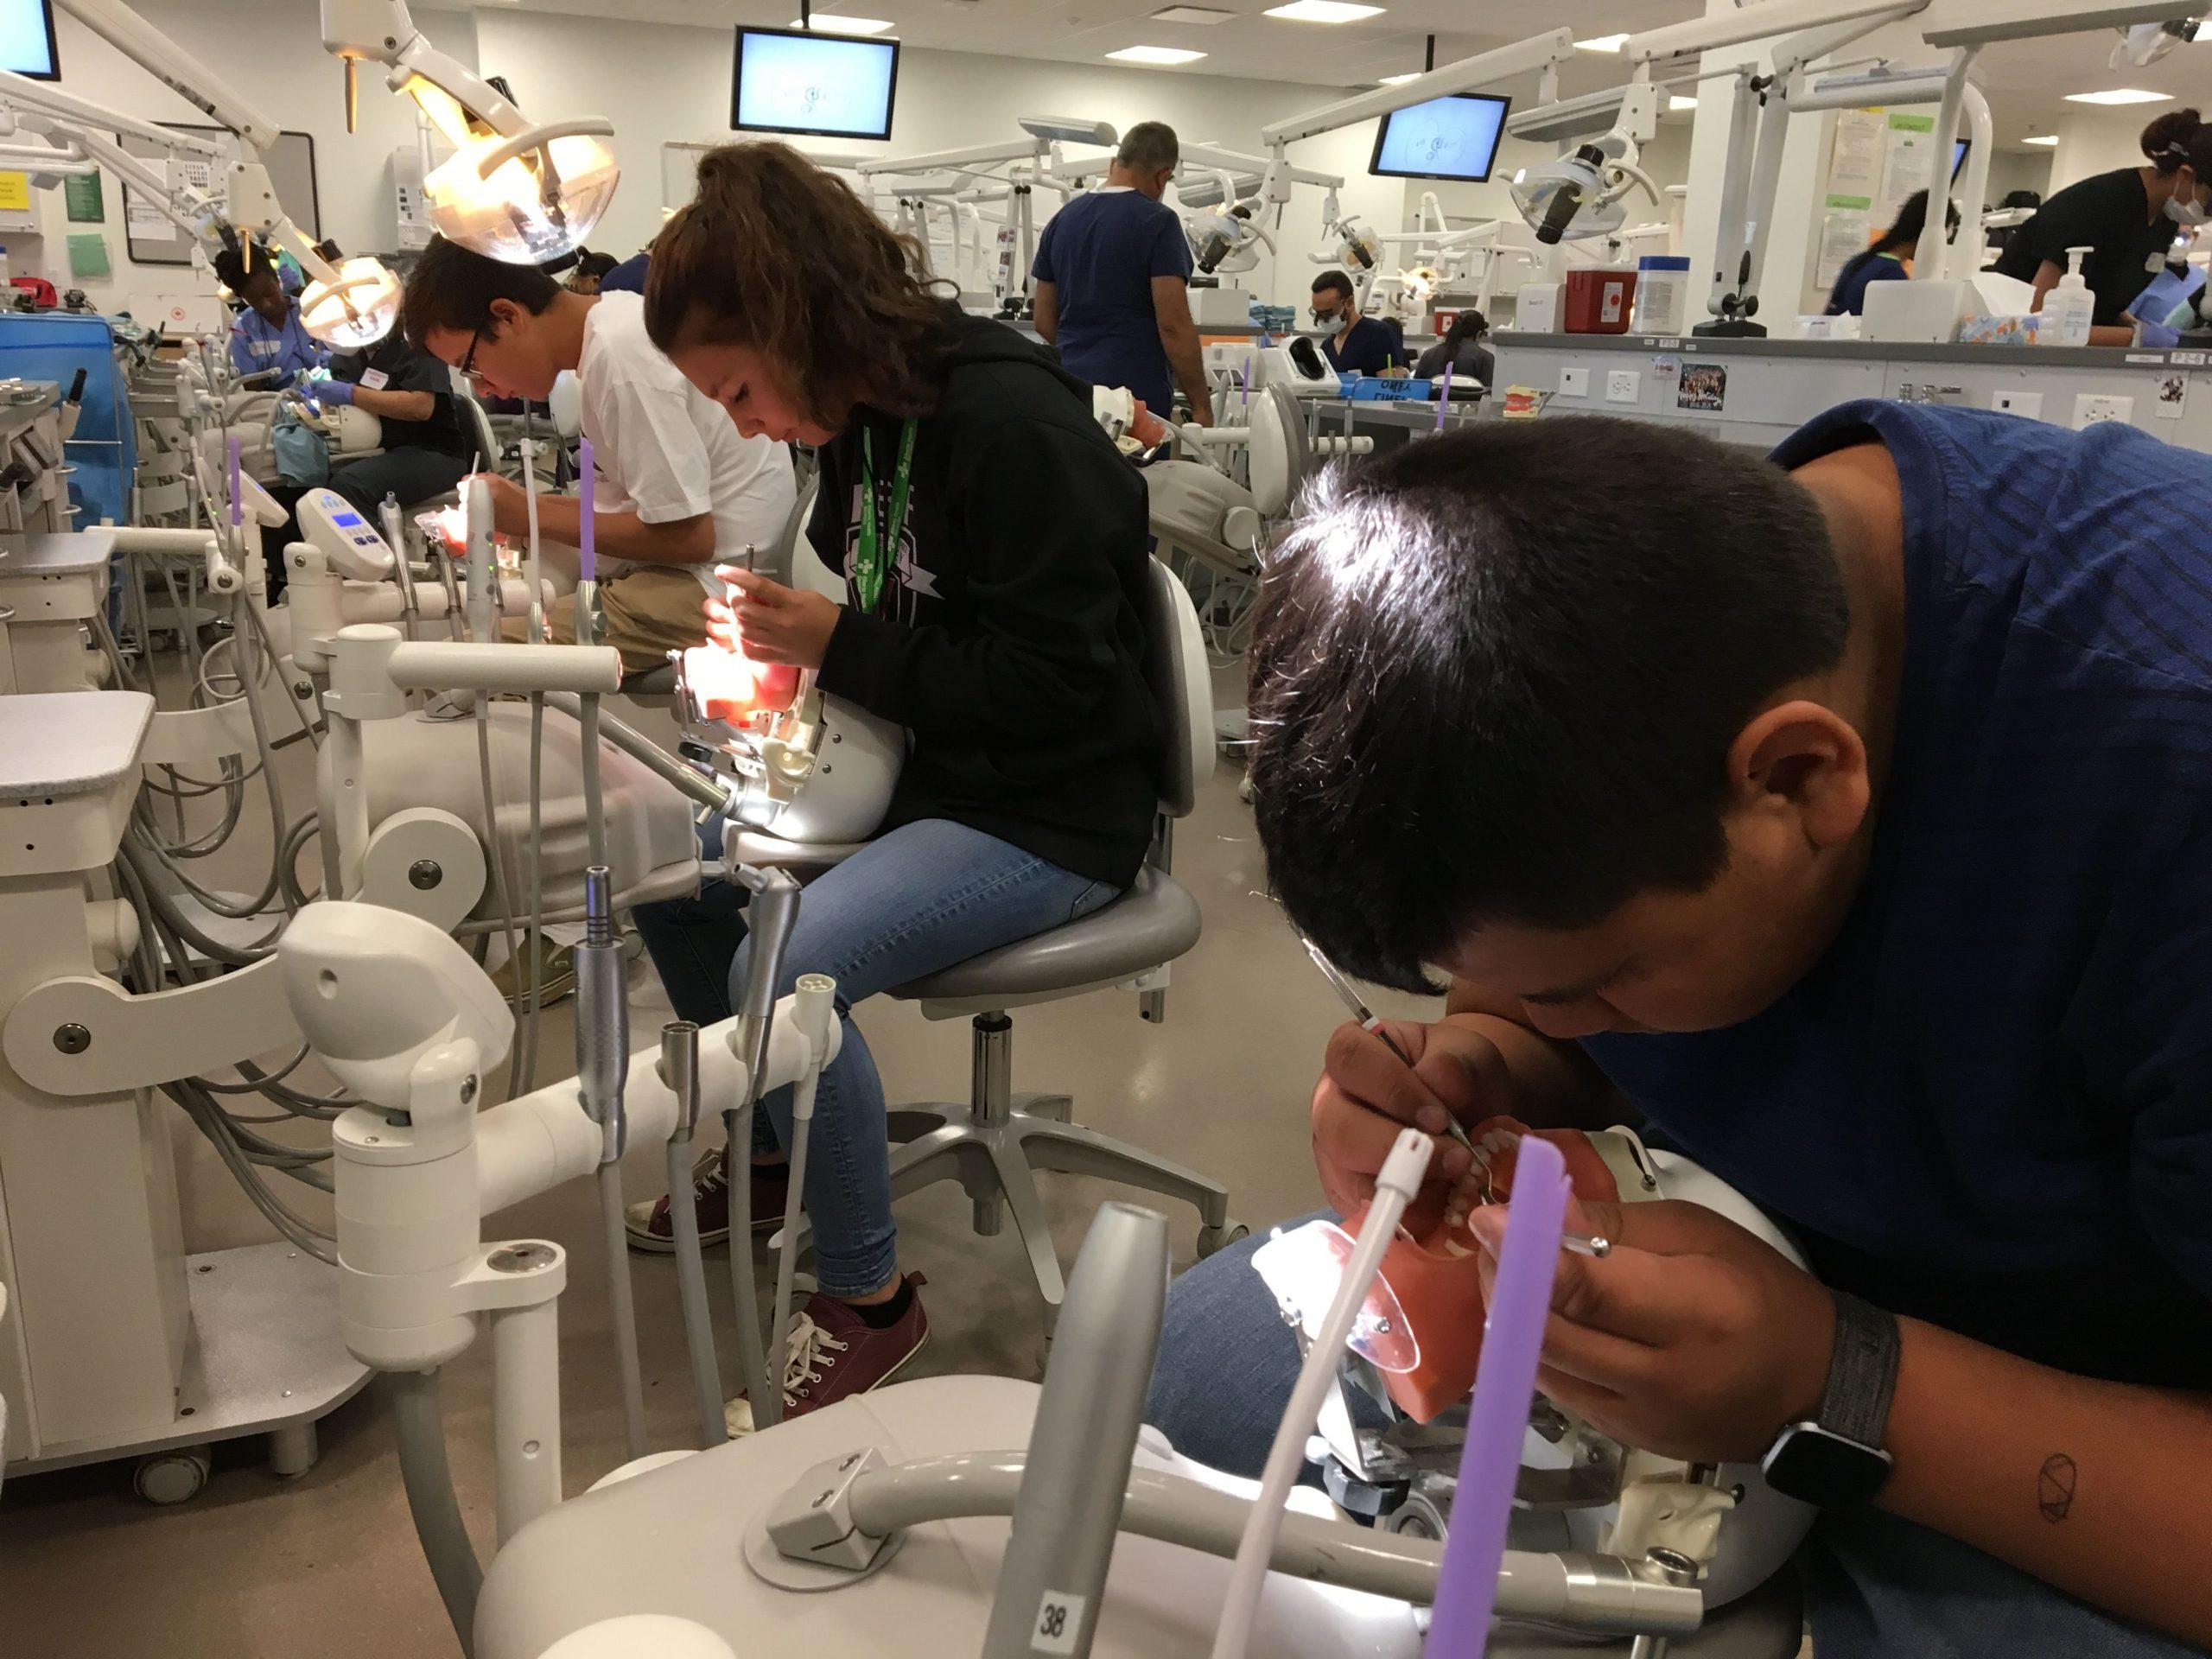 Trang thiết bị và tiện nghi đầy đủ phục vụ cho việc học tập của sinh viên.